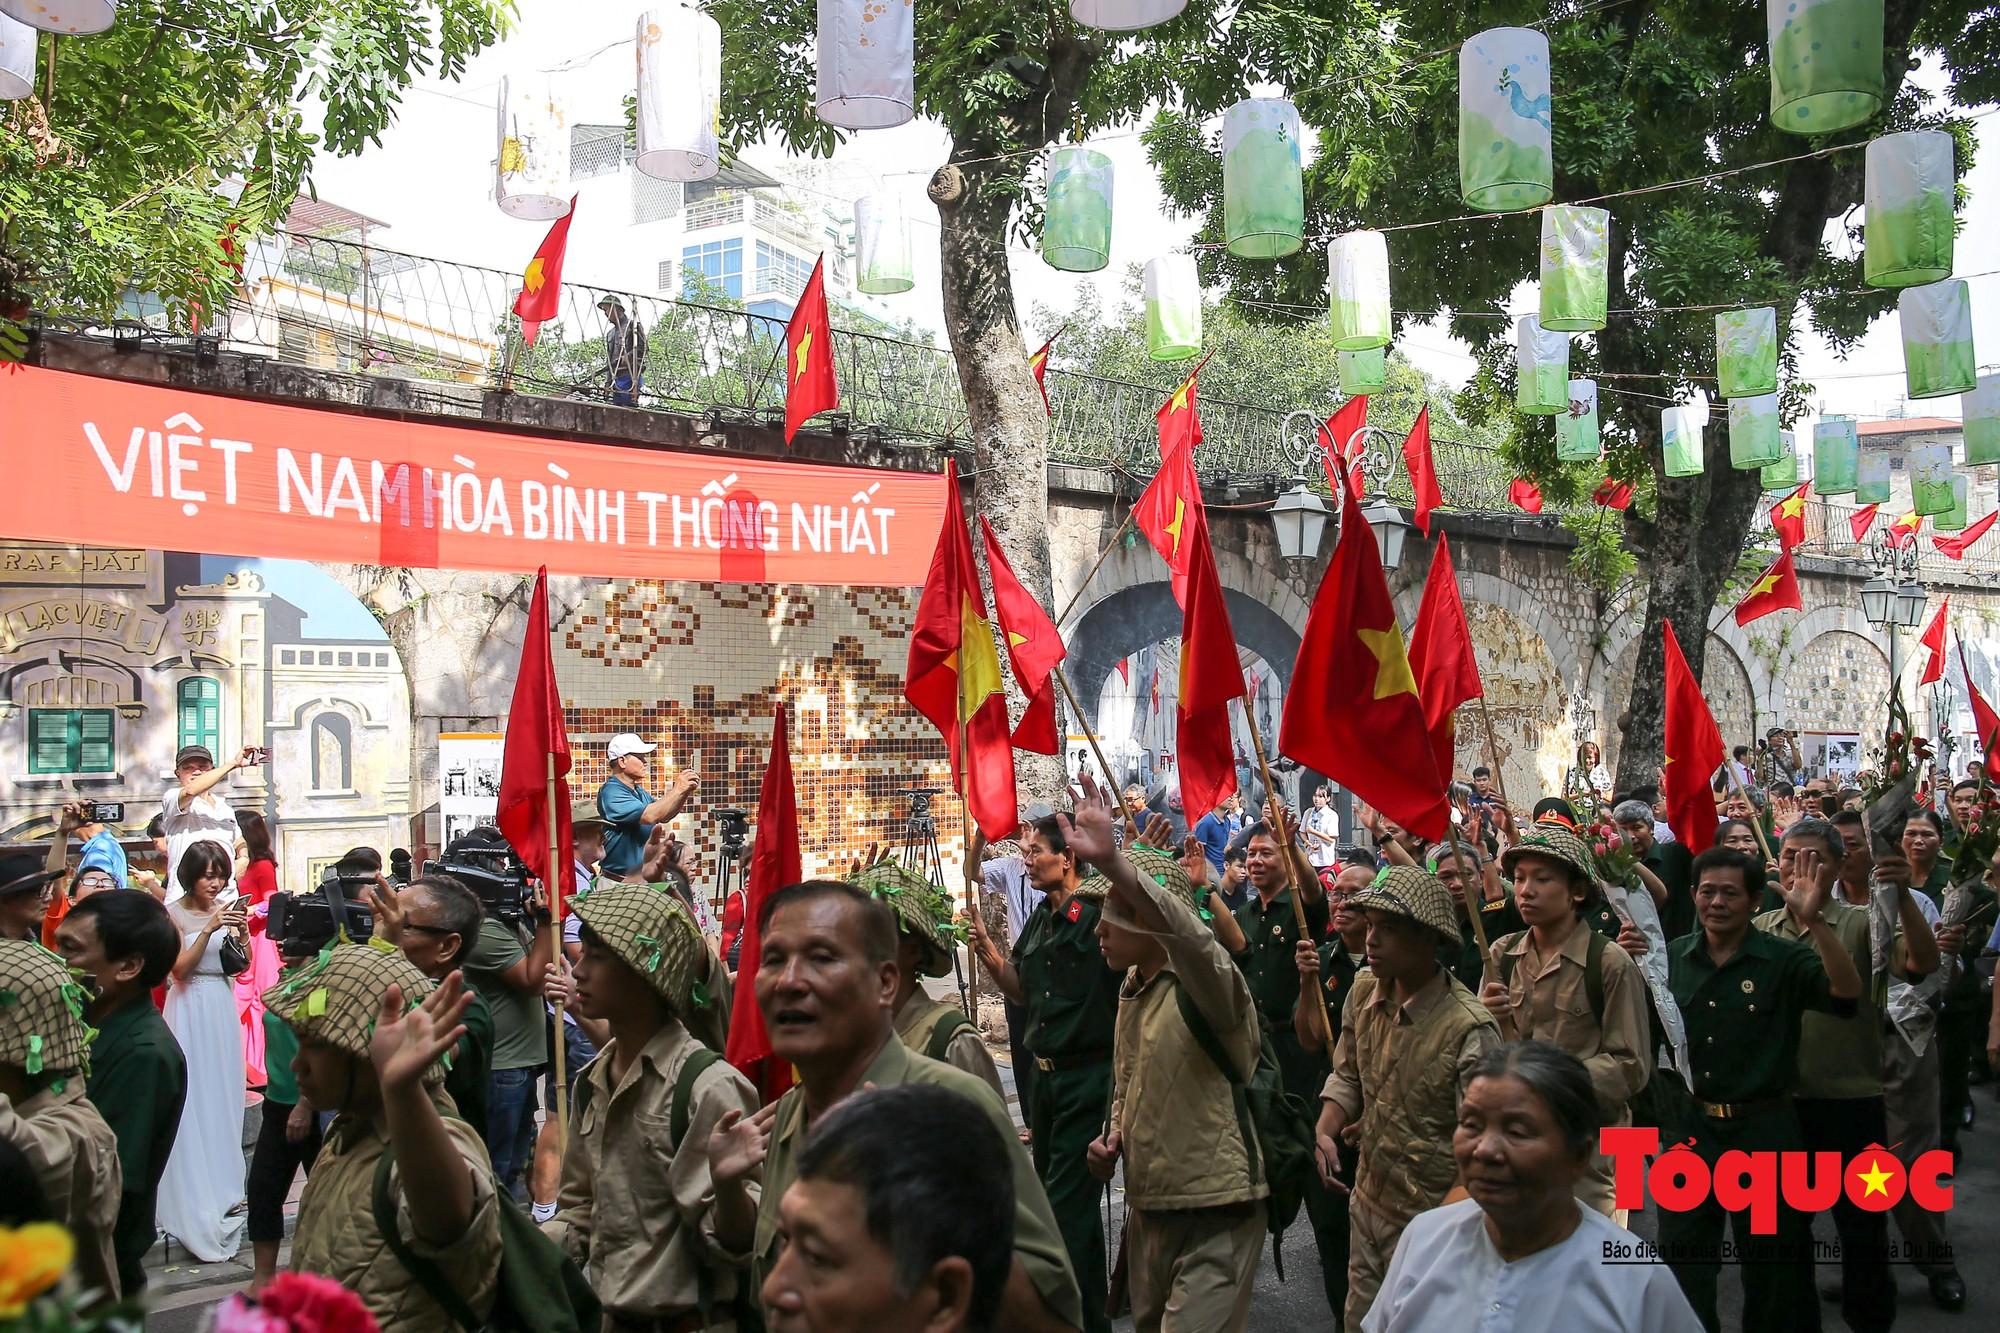 Tái hiện ký ức hào hùng đoàn quân chiến thắng trở về tiếp quản thủ đô Hà Nội 65 năm trước 5